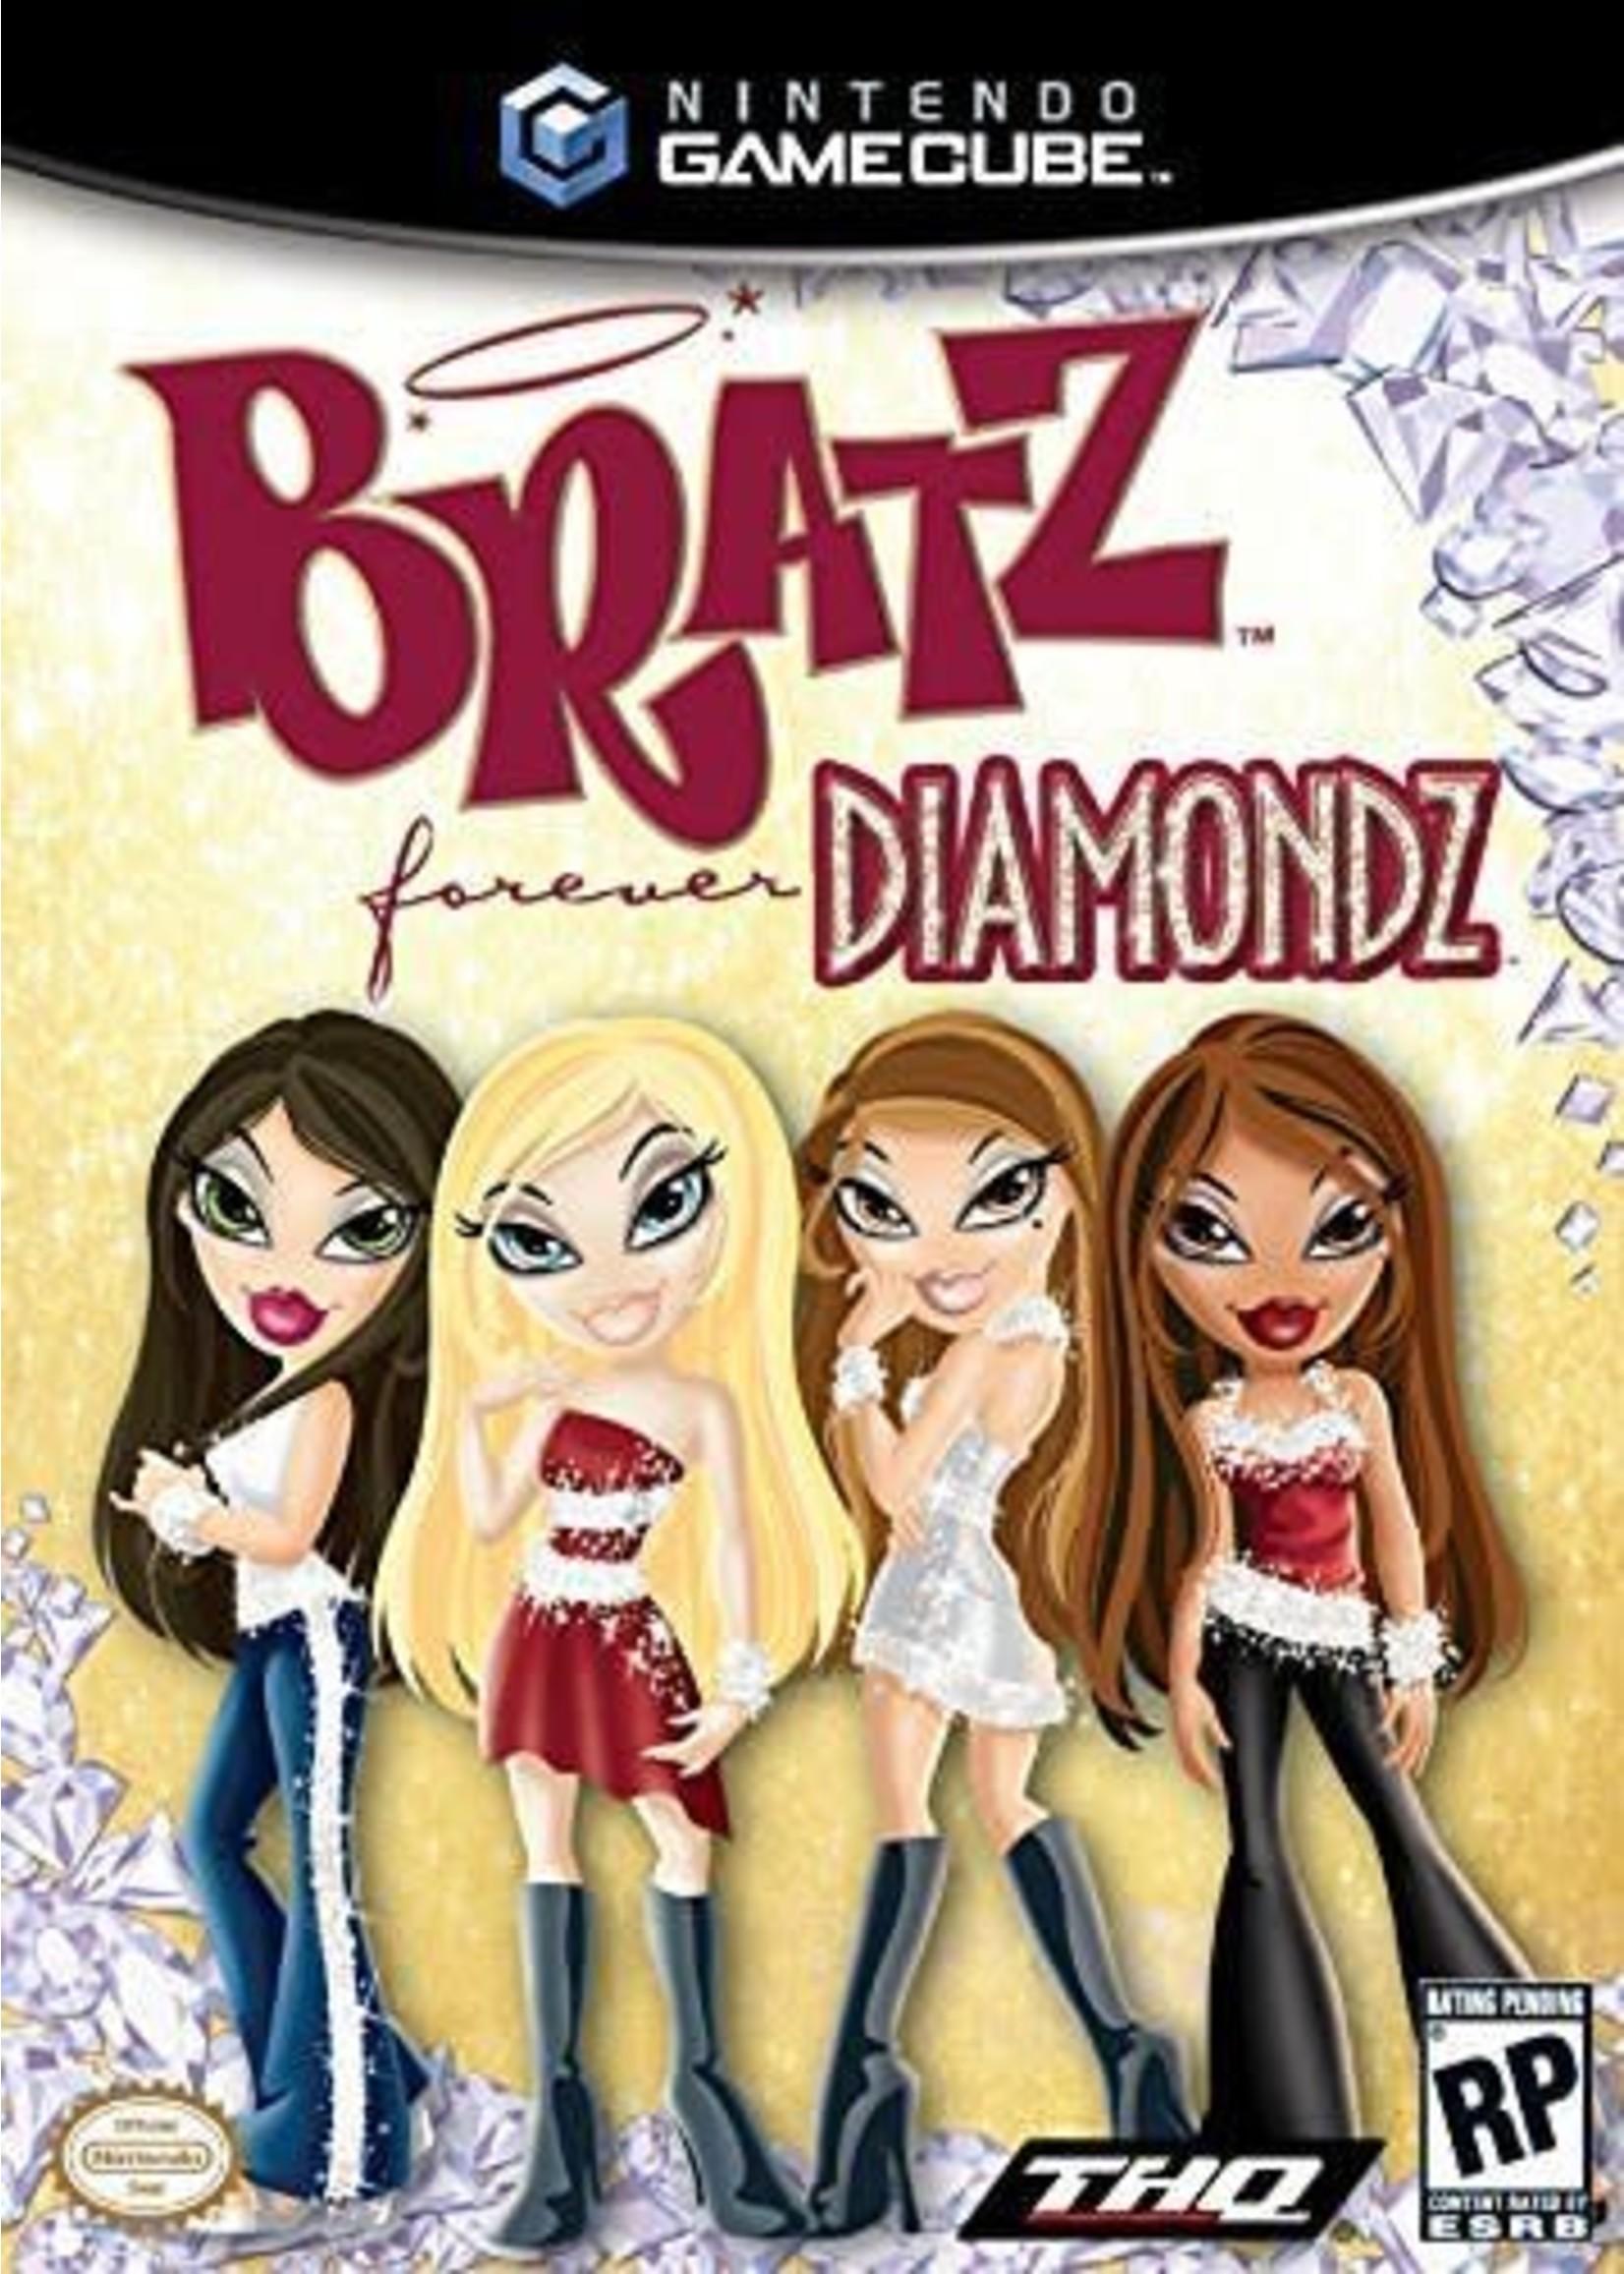 Bratz Diamonds - NGC NEW